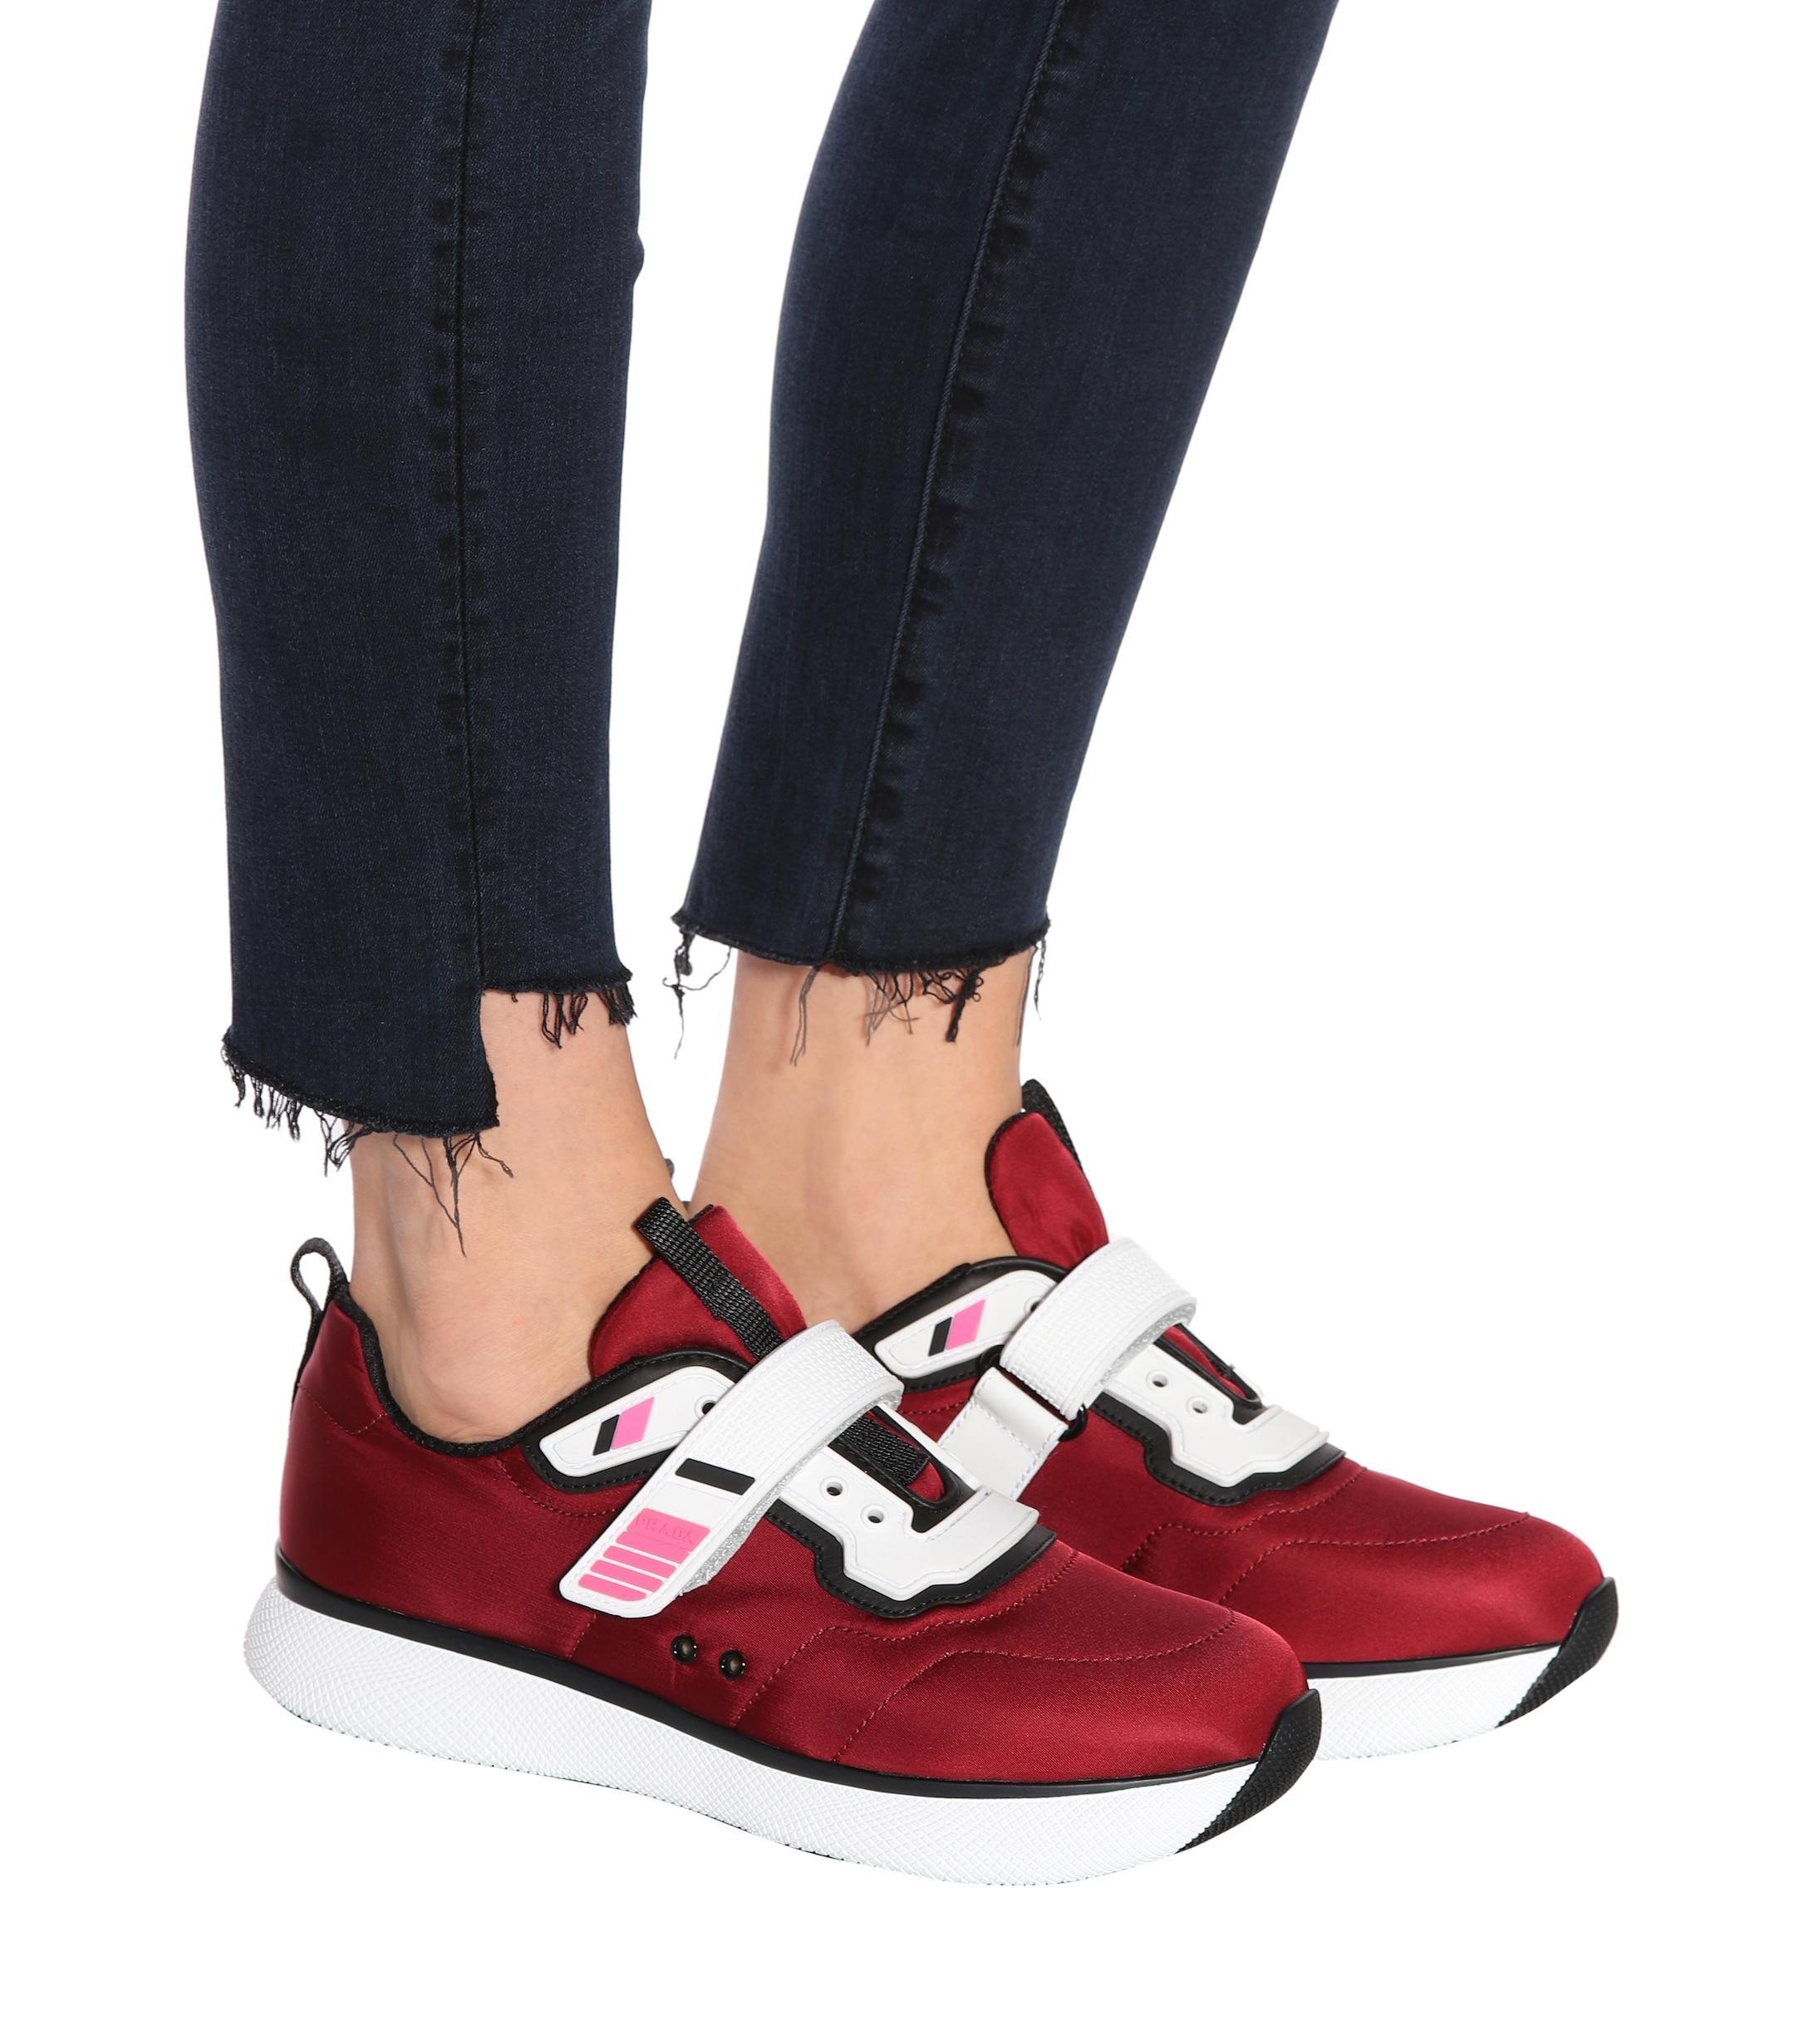 Prada Embellished Sneakers in Red